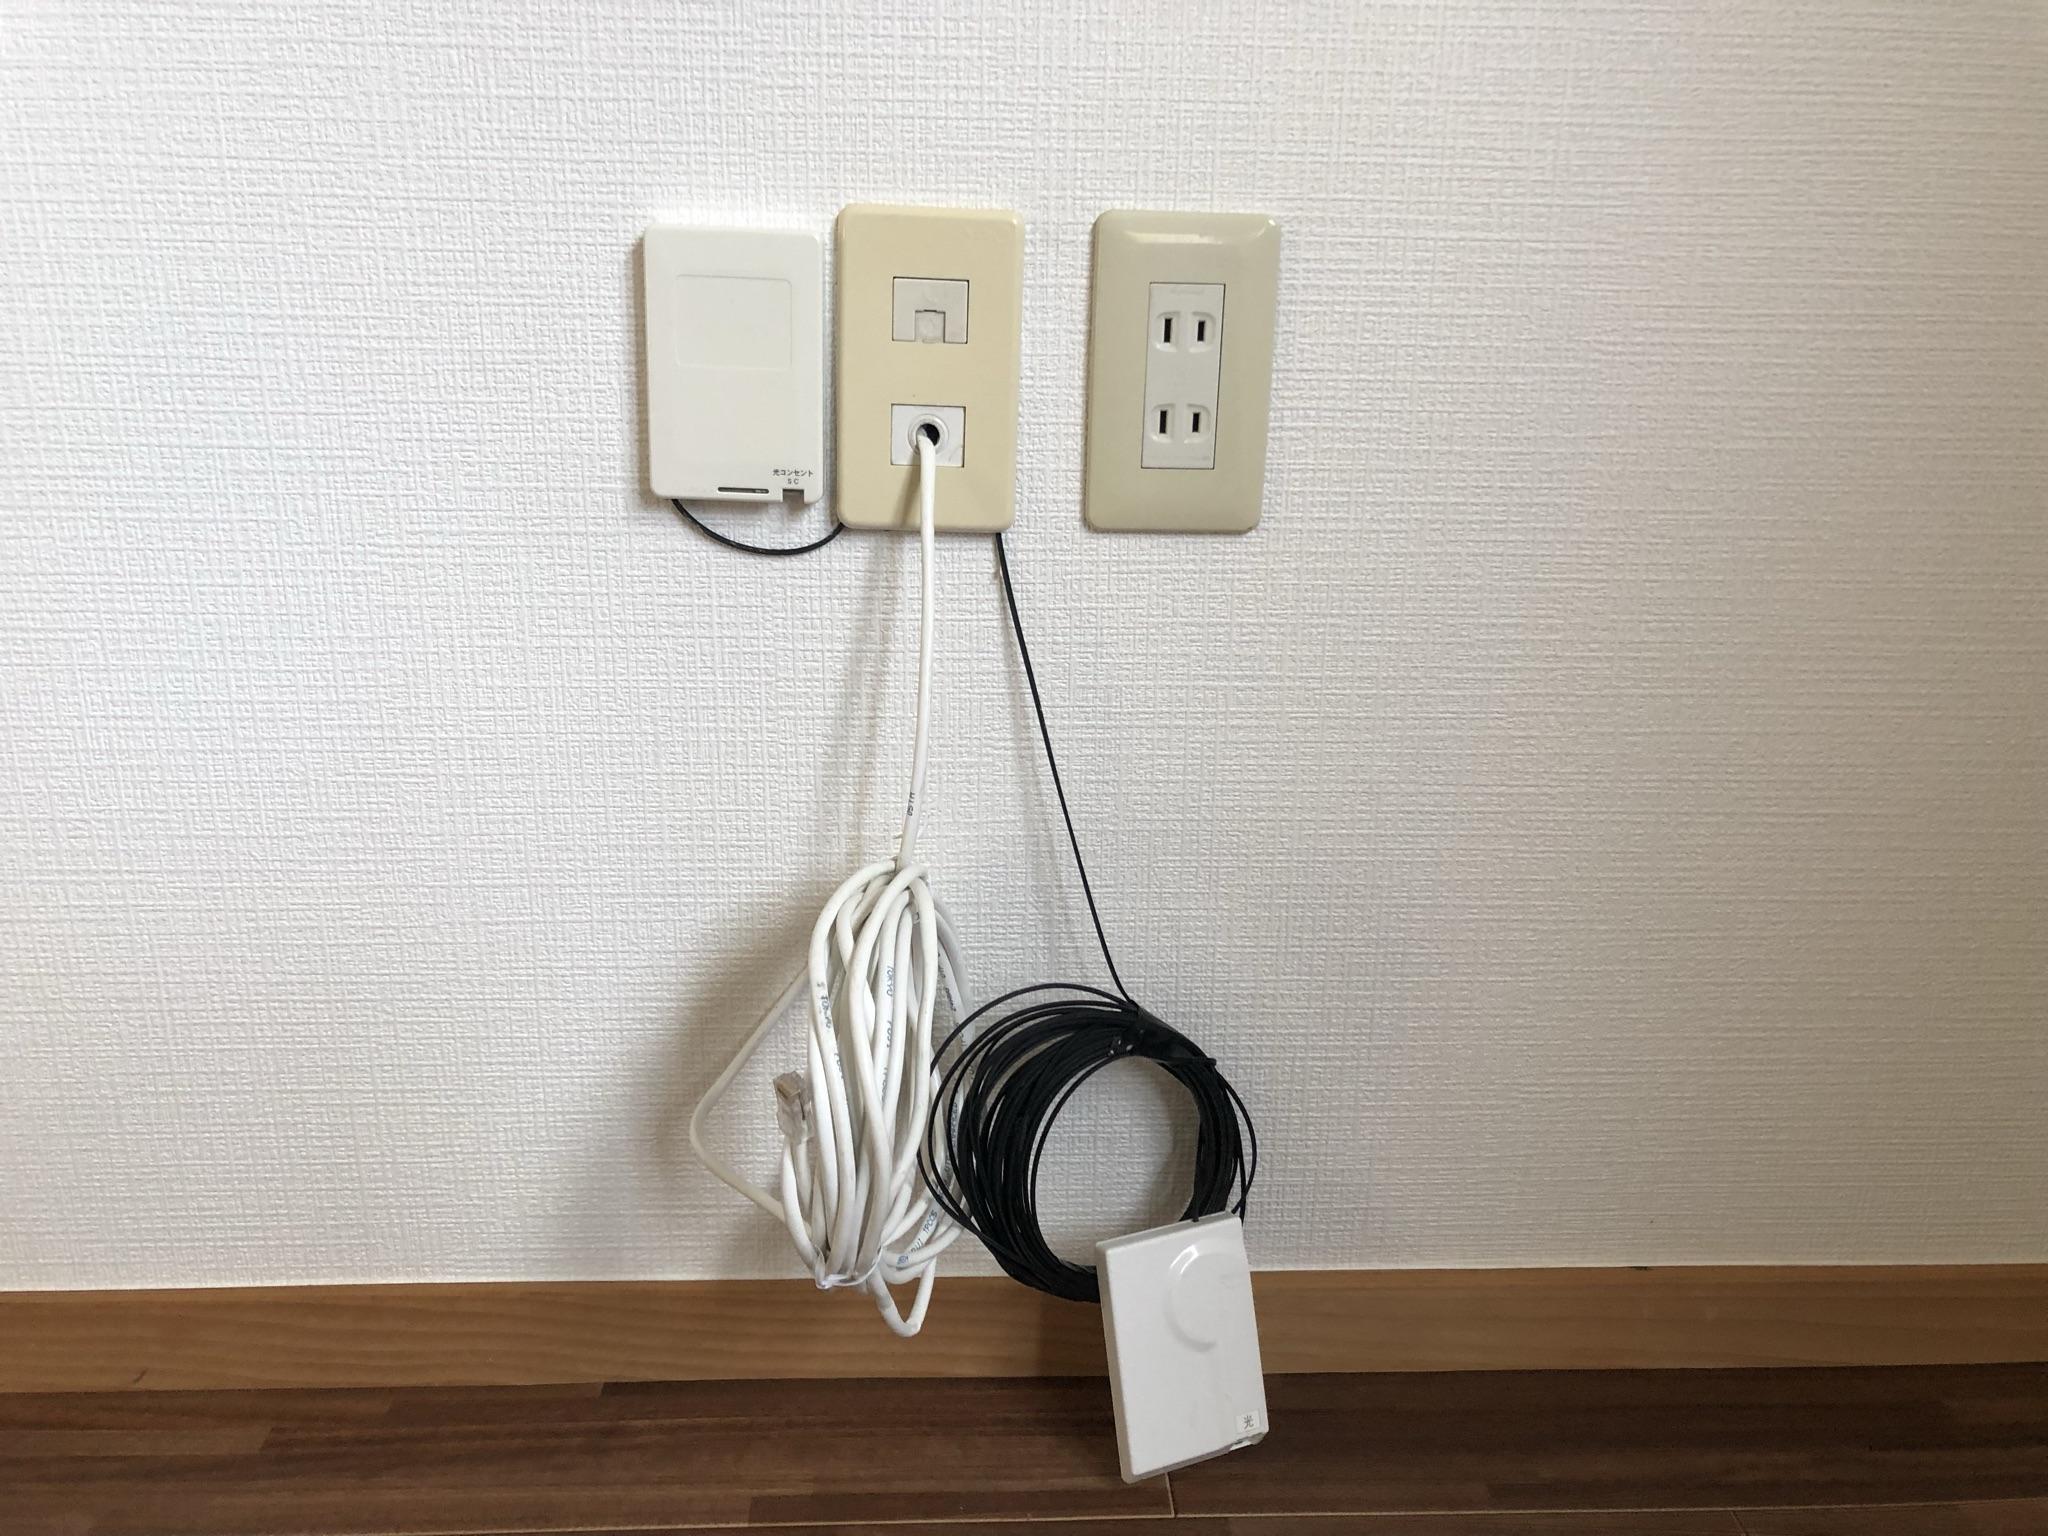 ネット回線も完備~!事務所には必需品